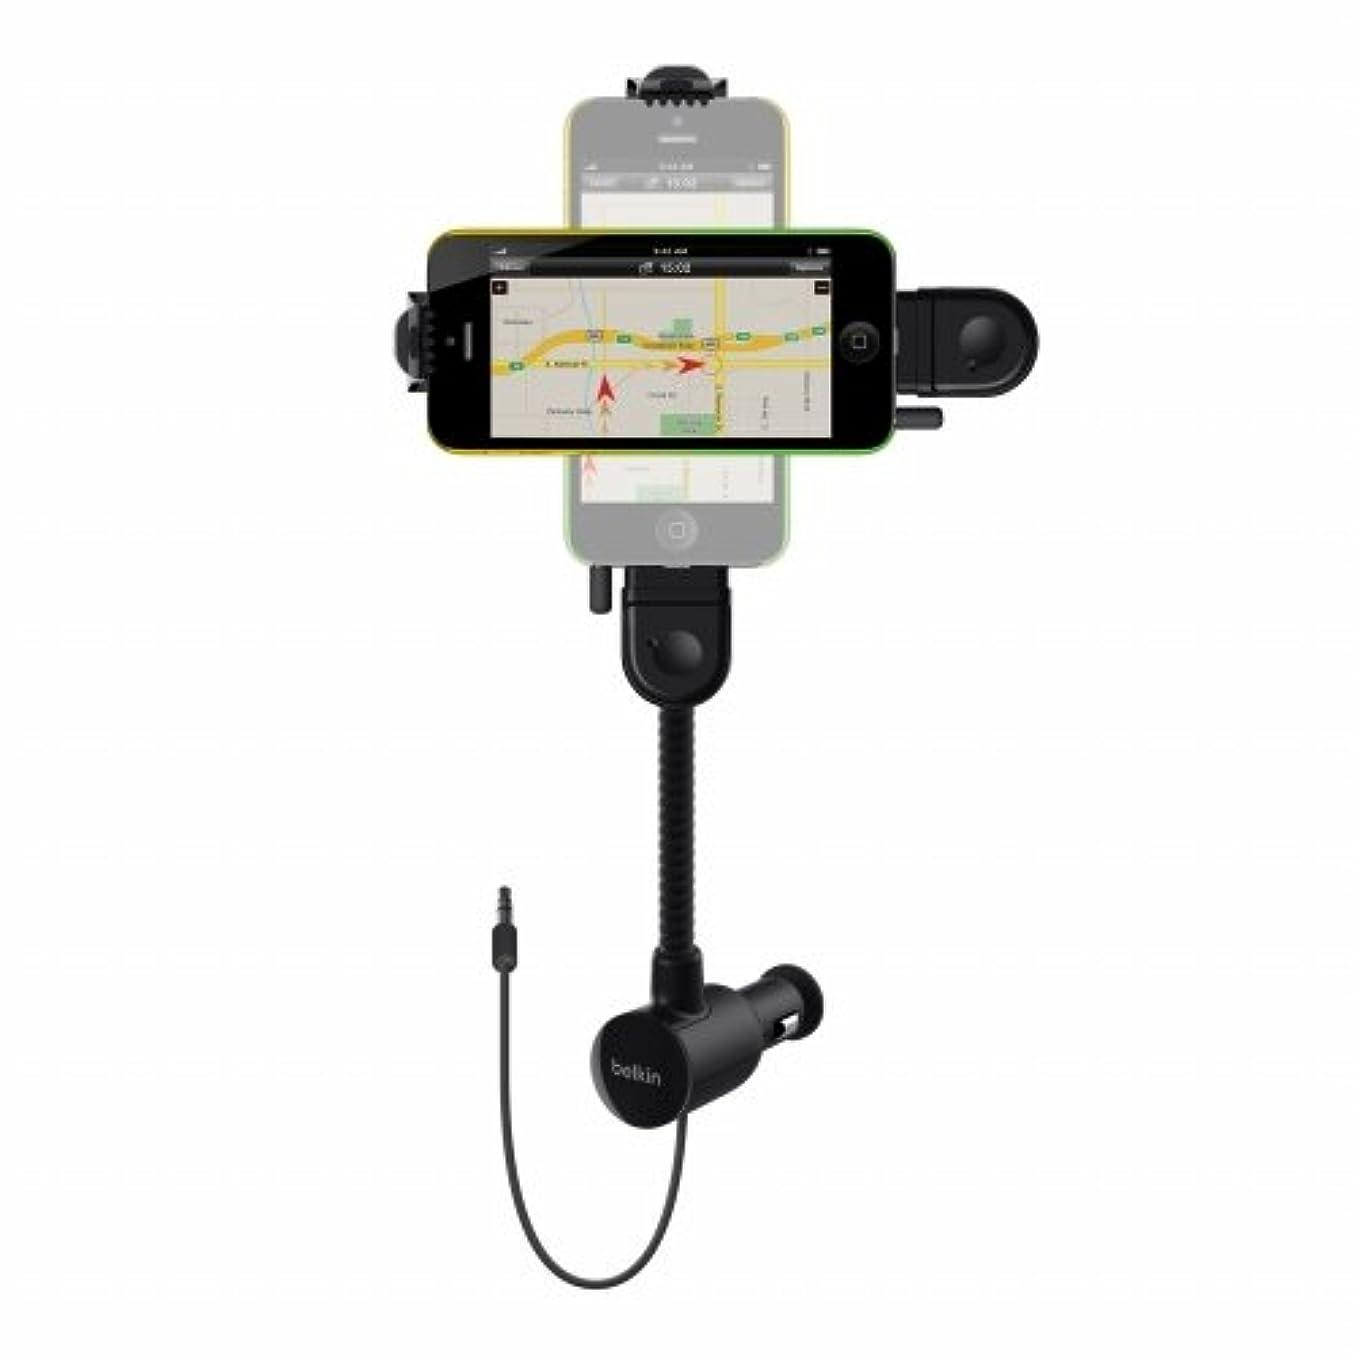 反対したブラウスラリー【国内正規代理店品】belkin ベルキン MFi認証品 iPhone SE/5s/5c/5対応 カー用 トランスミッターTunebase Direct F8J037bt